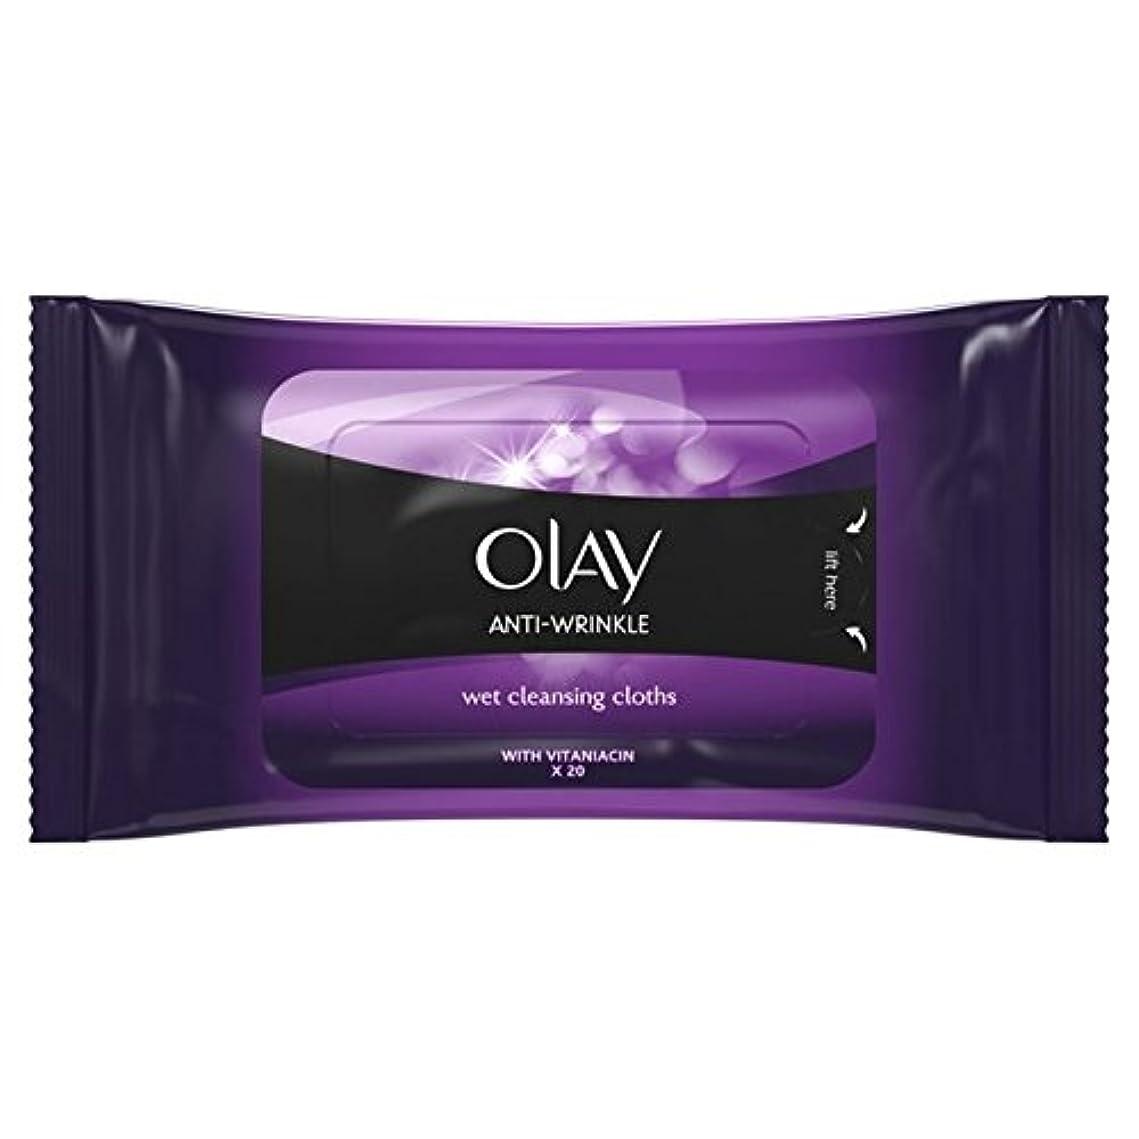 ユーザー価値贅沢Olay Anti Wrinkle Firm & Lift Wet Cleansing Wipes 20 per pack (Pack of 6) - パックごとに20ワイプ抗シワ事務所をオーレイ&湿ったクレンジングを持...